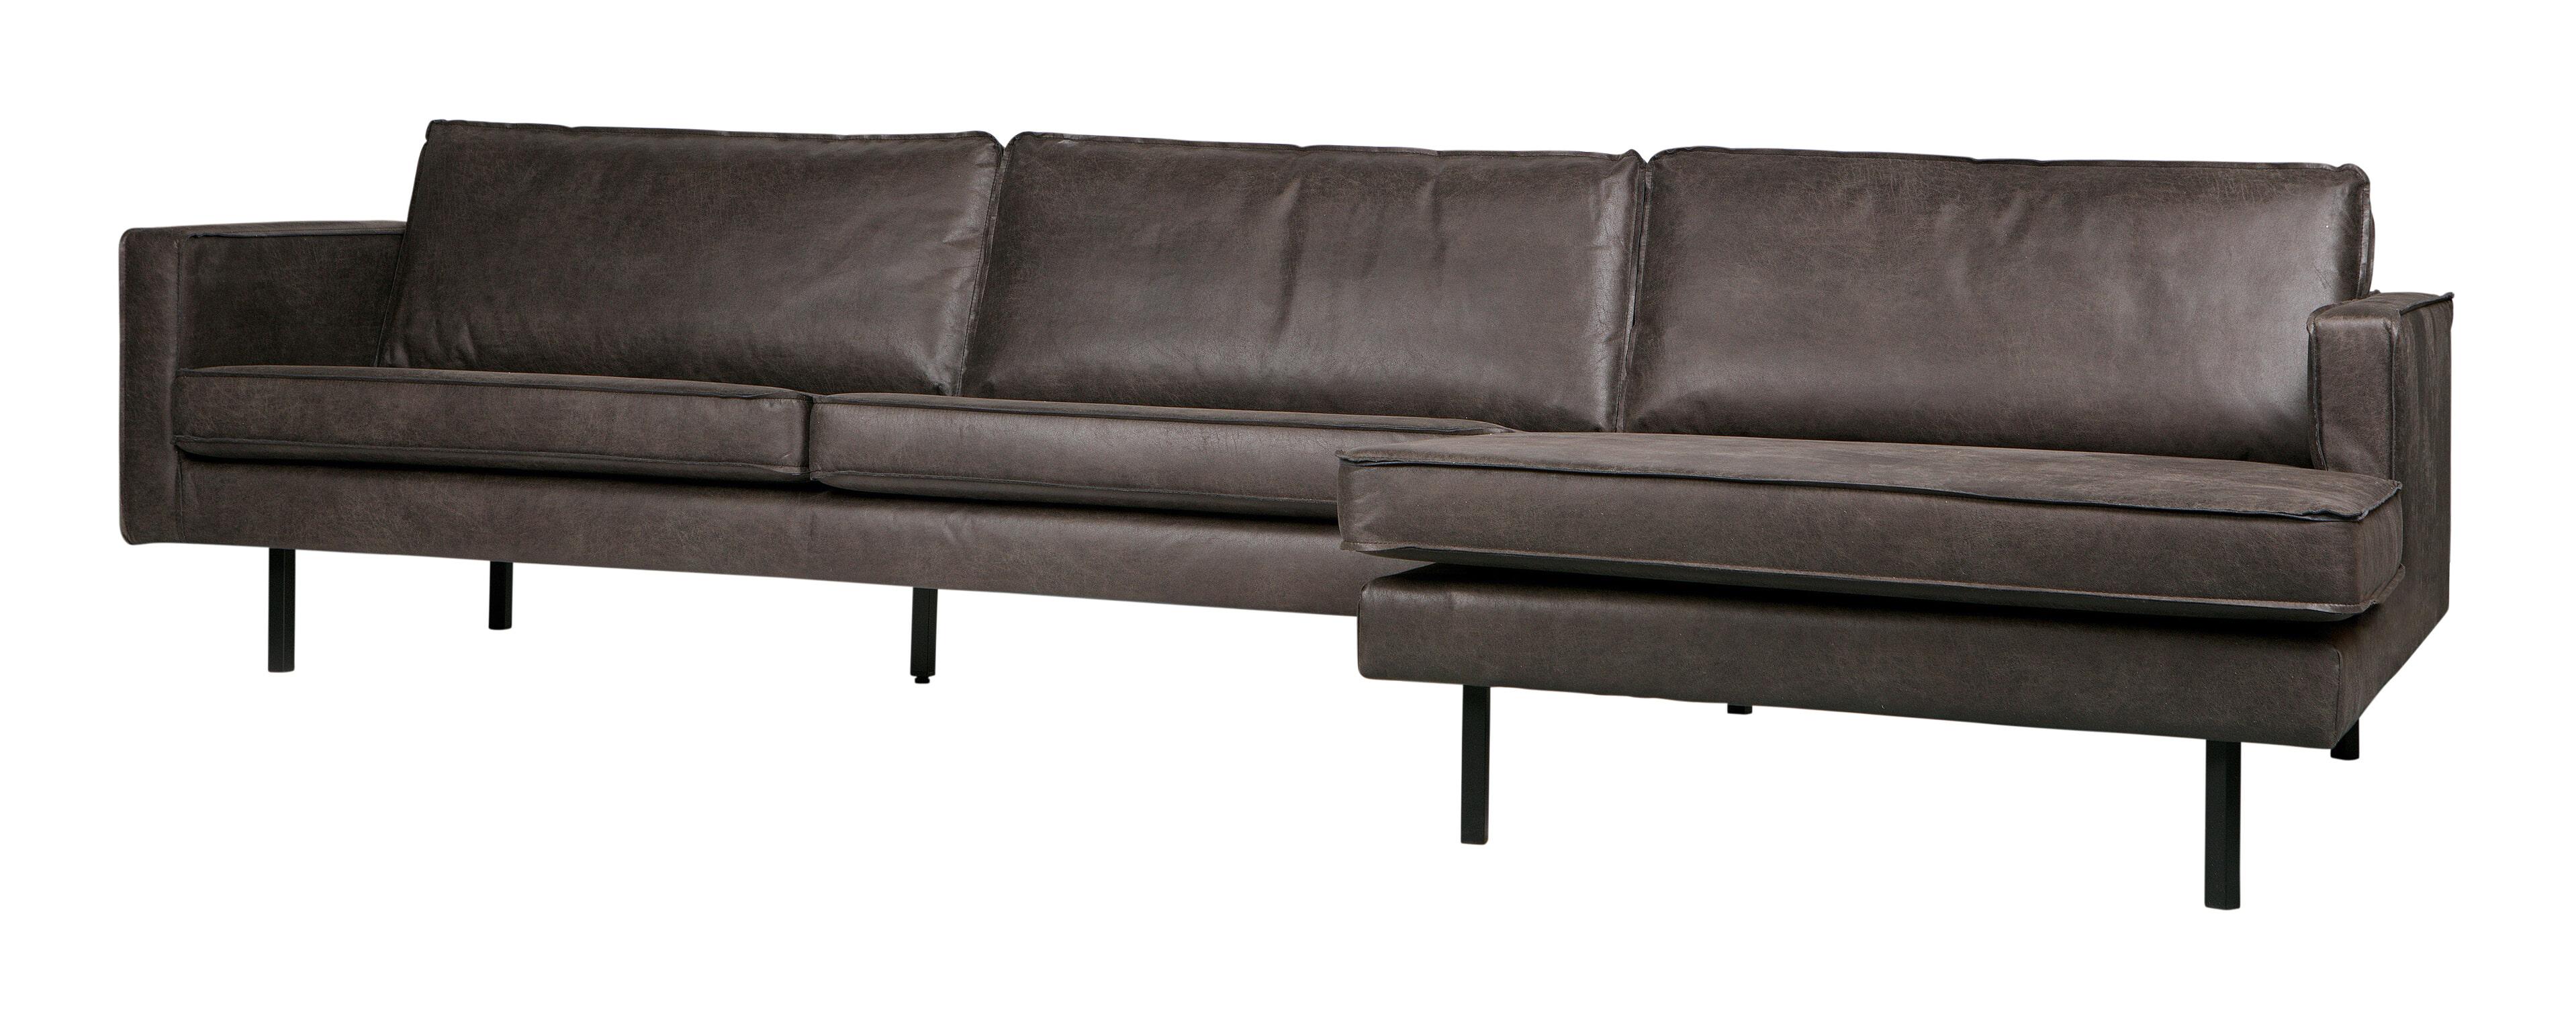 BePureHome Loungebank 'Rodeo' Rechts, Eco Leder, kleur Zwart Eco Leder: 70% leder en 30% polyester aanschaffen? Kijk hier!